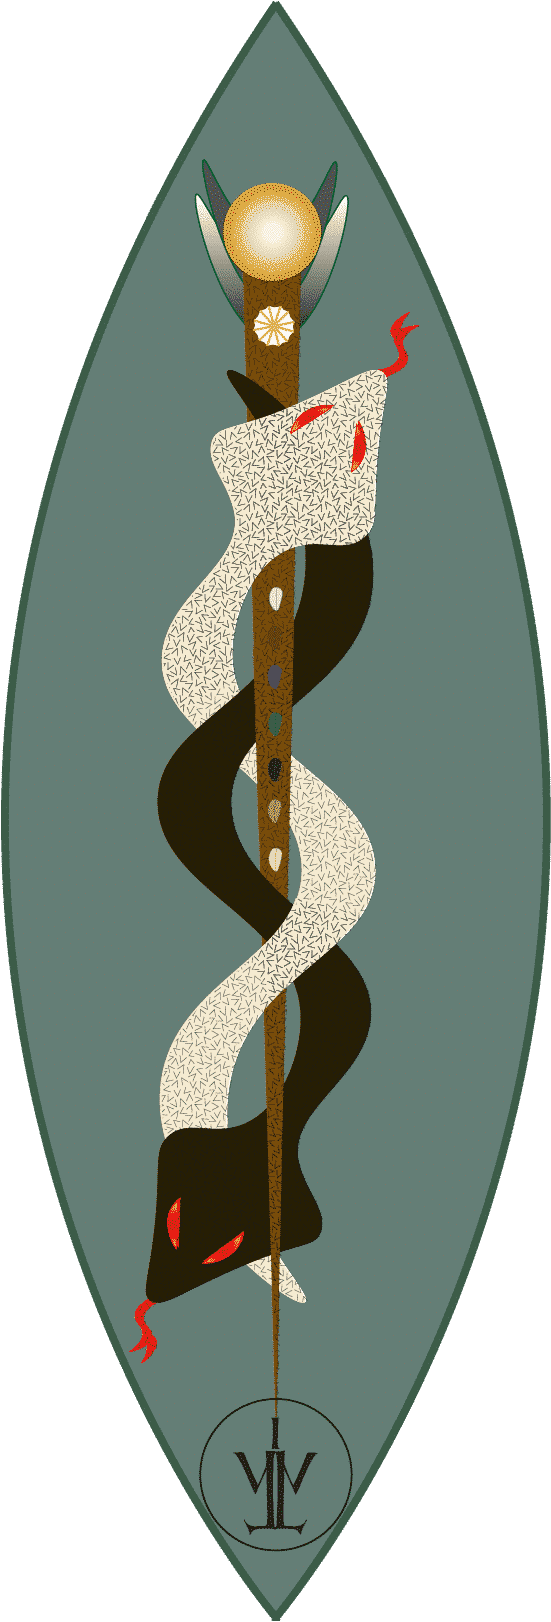 Le serpent, persistance de son culte dans l'Afrique du Nord EzoOccult